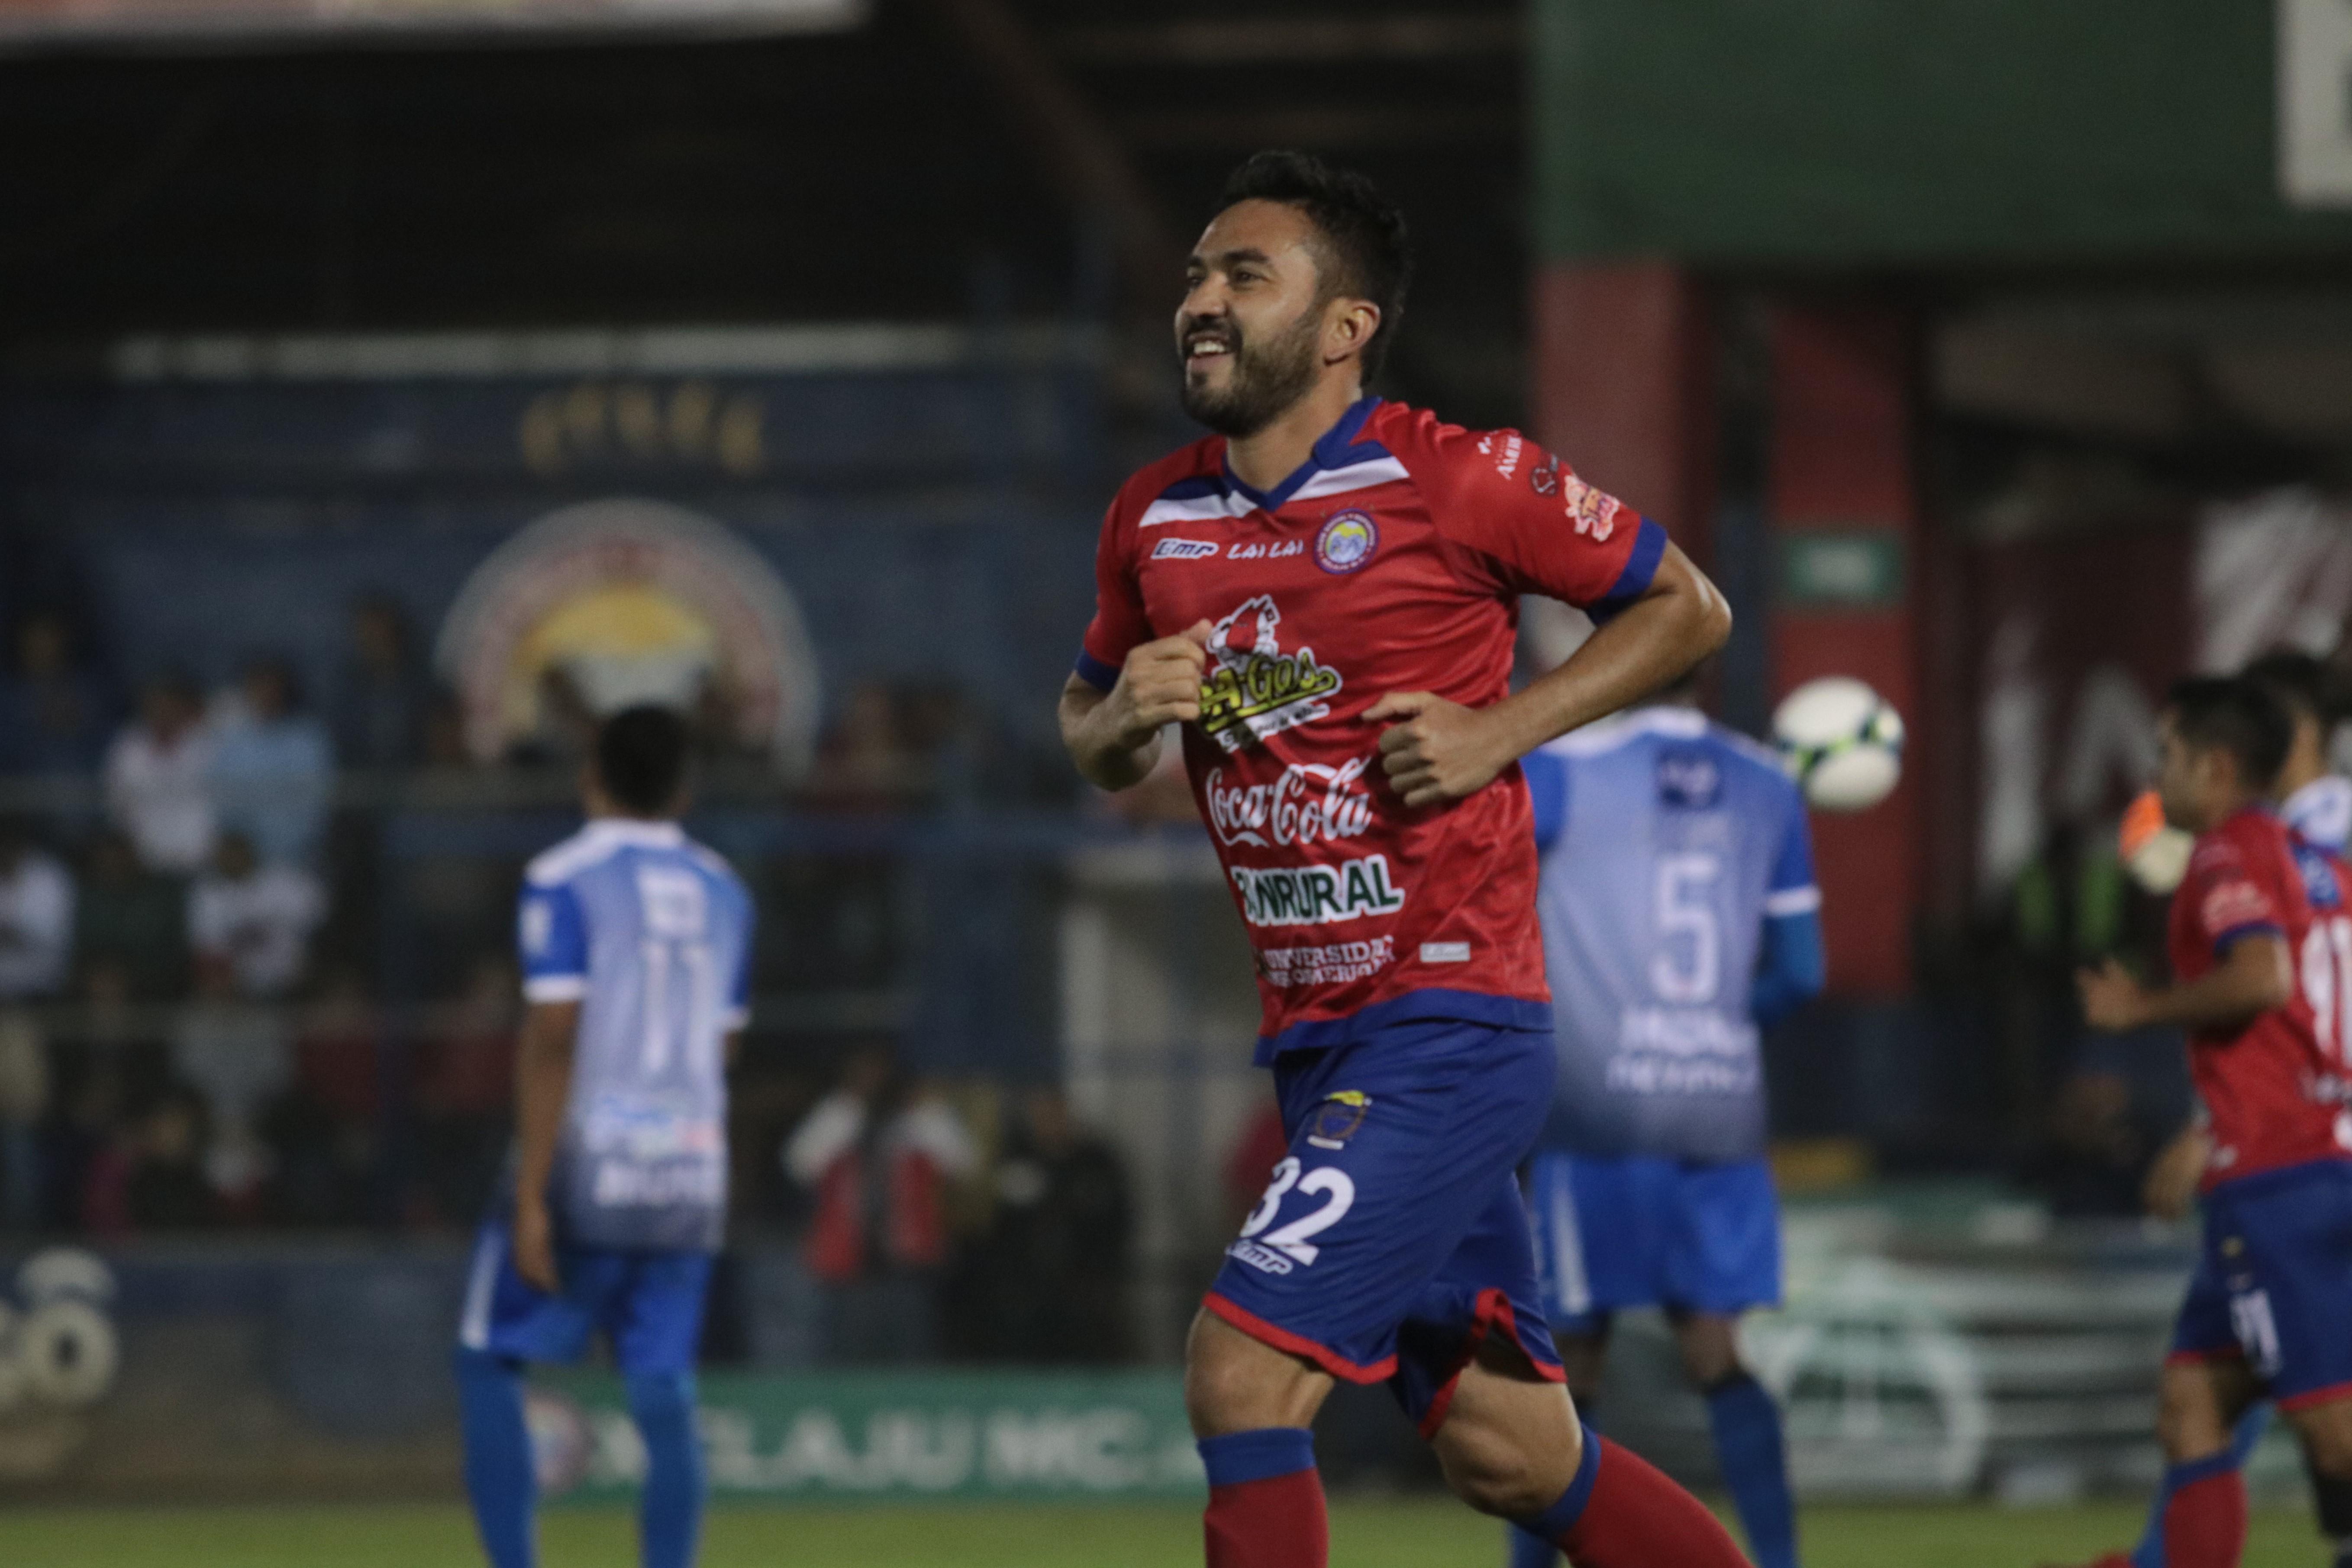 Carlos Kamiani celebró doblete ante Iztapa y superó a Mario Acevedo en la tabla de goleadores históricos de Guatemala. (Foto Prensa Libre: Raúl Juárez)